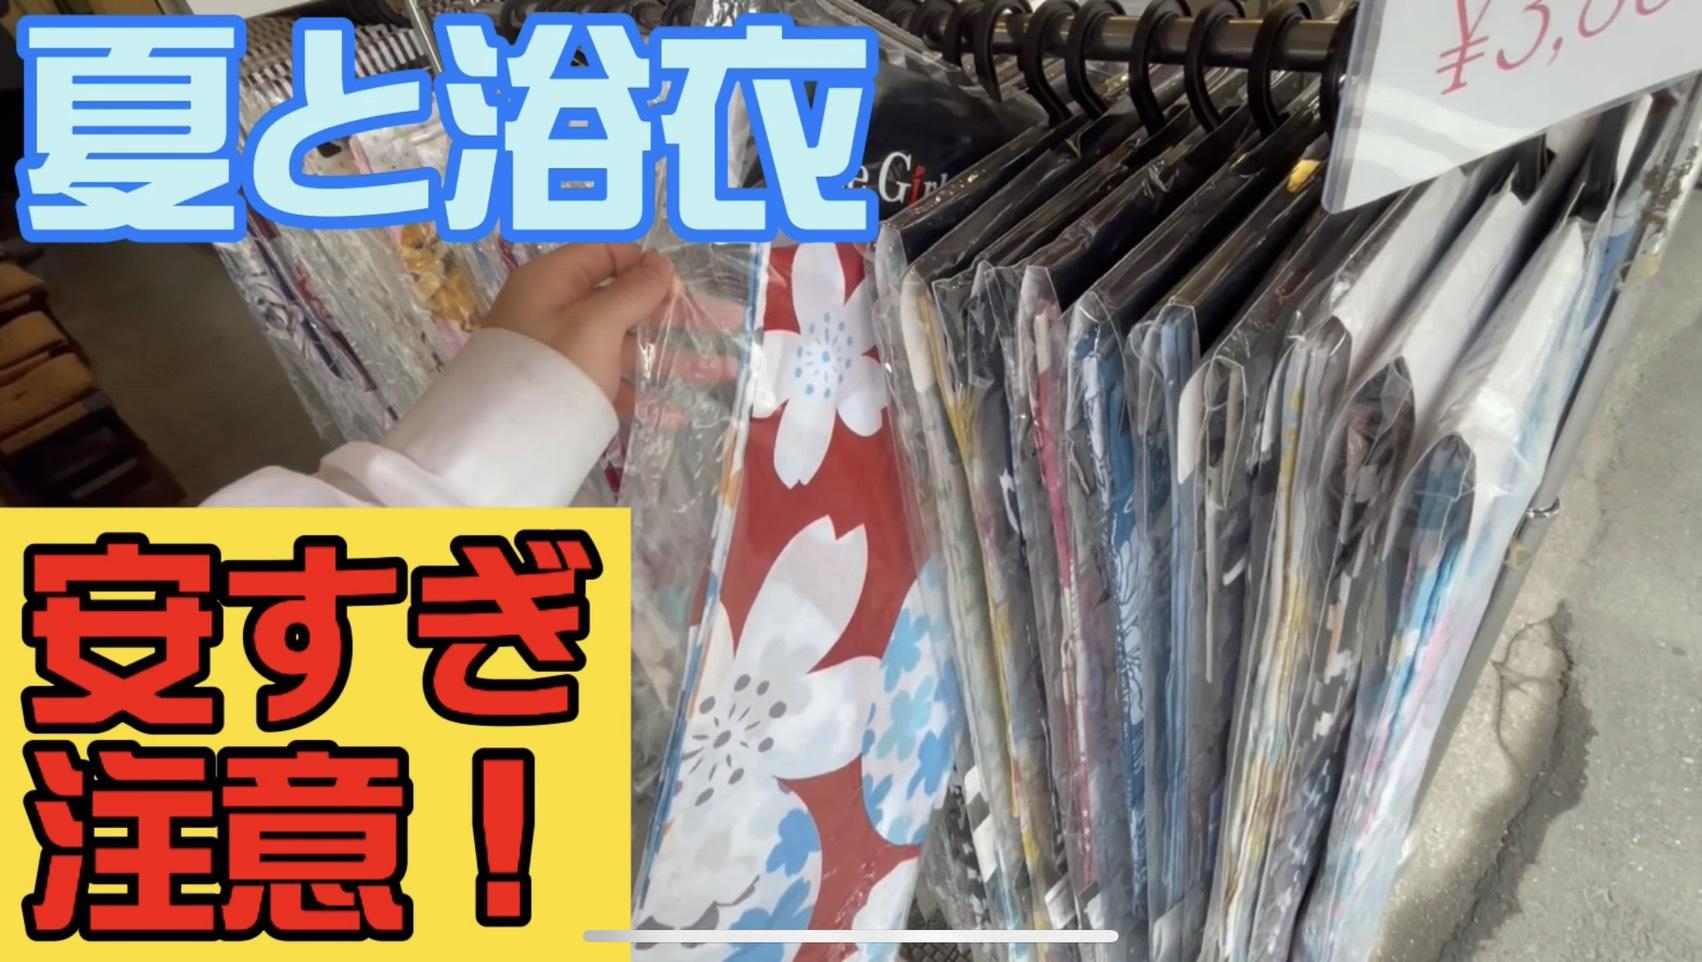 夏だ、浴衣を買わなきゃ。※売り切れ御免【大人気の高級浴衣から可愛いお手頃浴衣まで、幅広く取り揃えております】